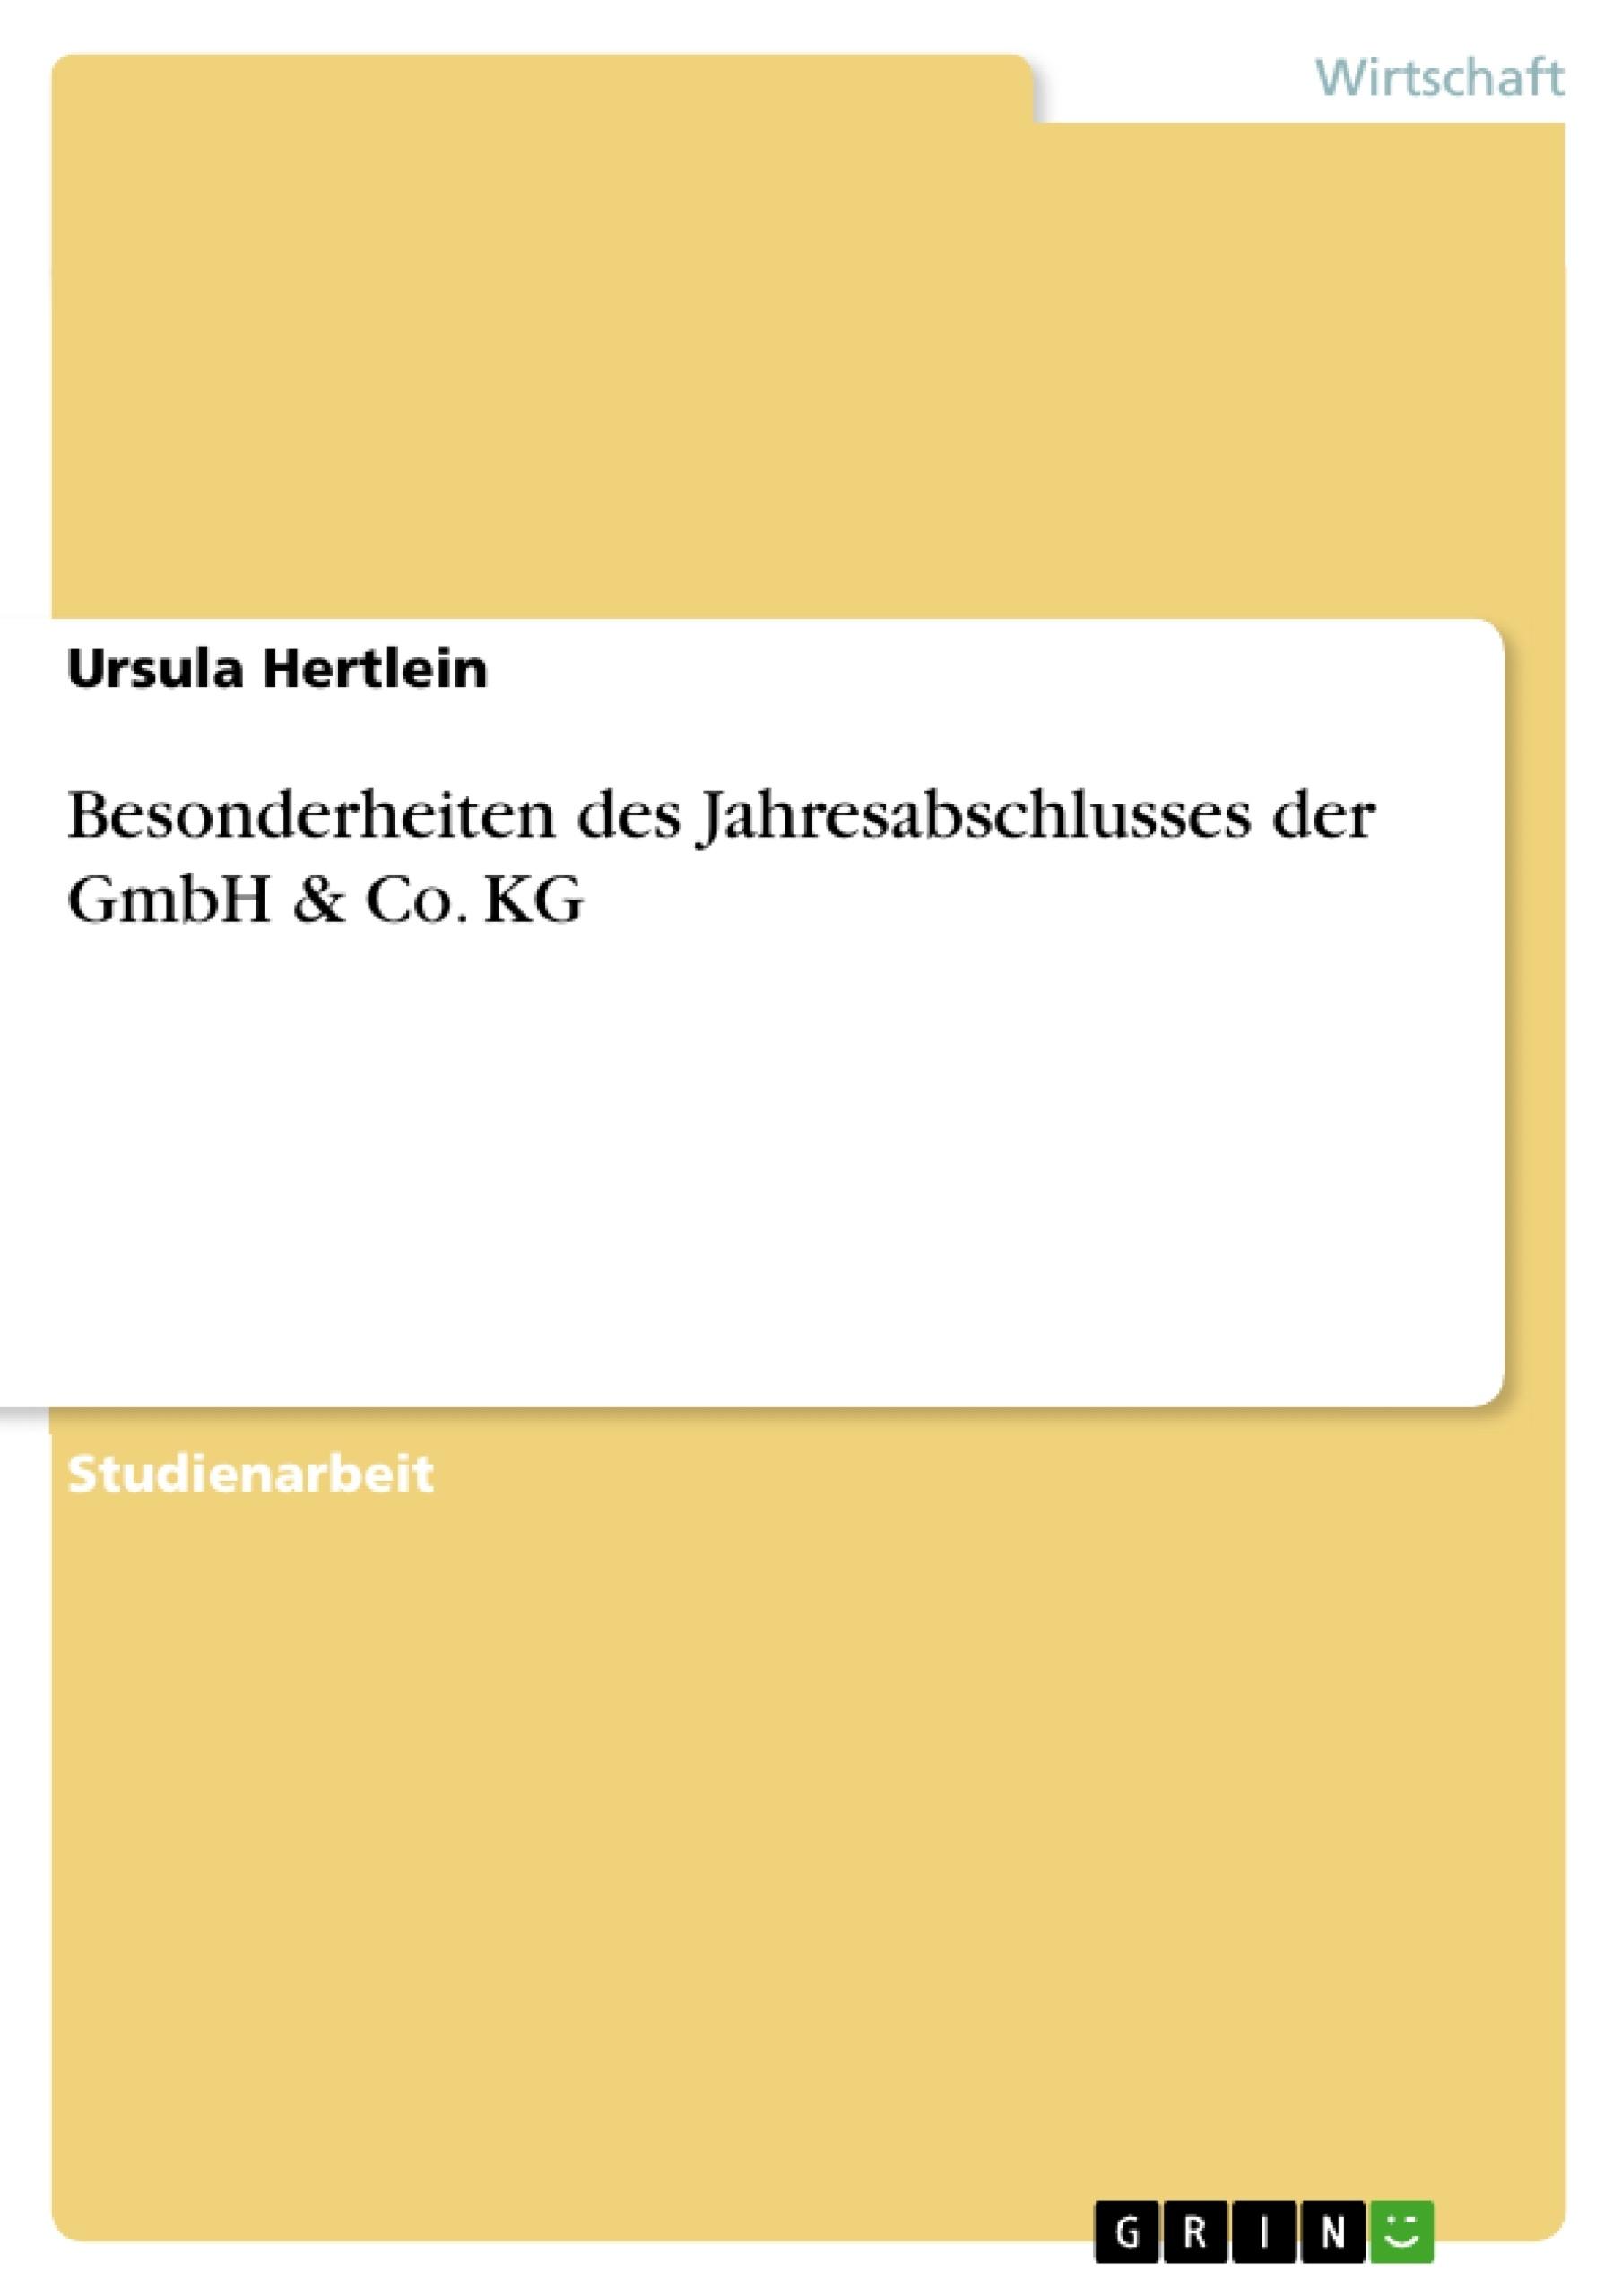 Titel: Besonderheiten des Jahresabschlusses der GmbH & Co. KG